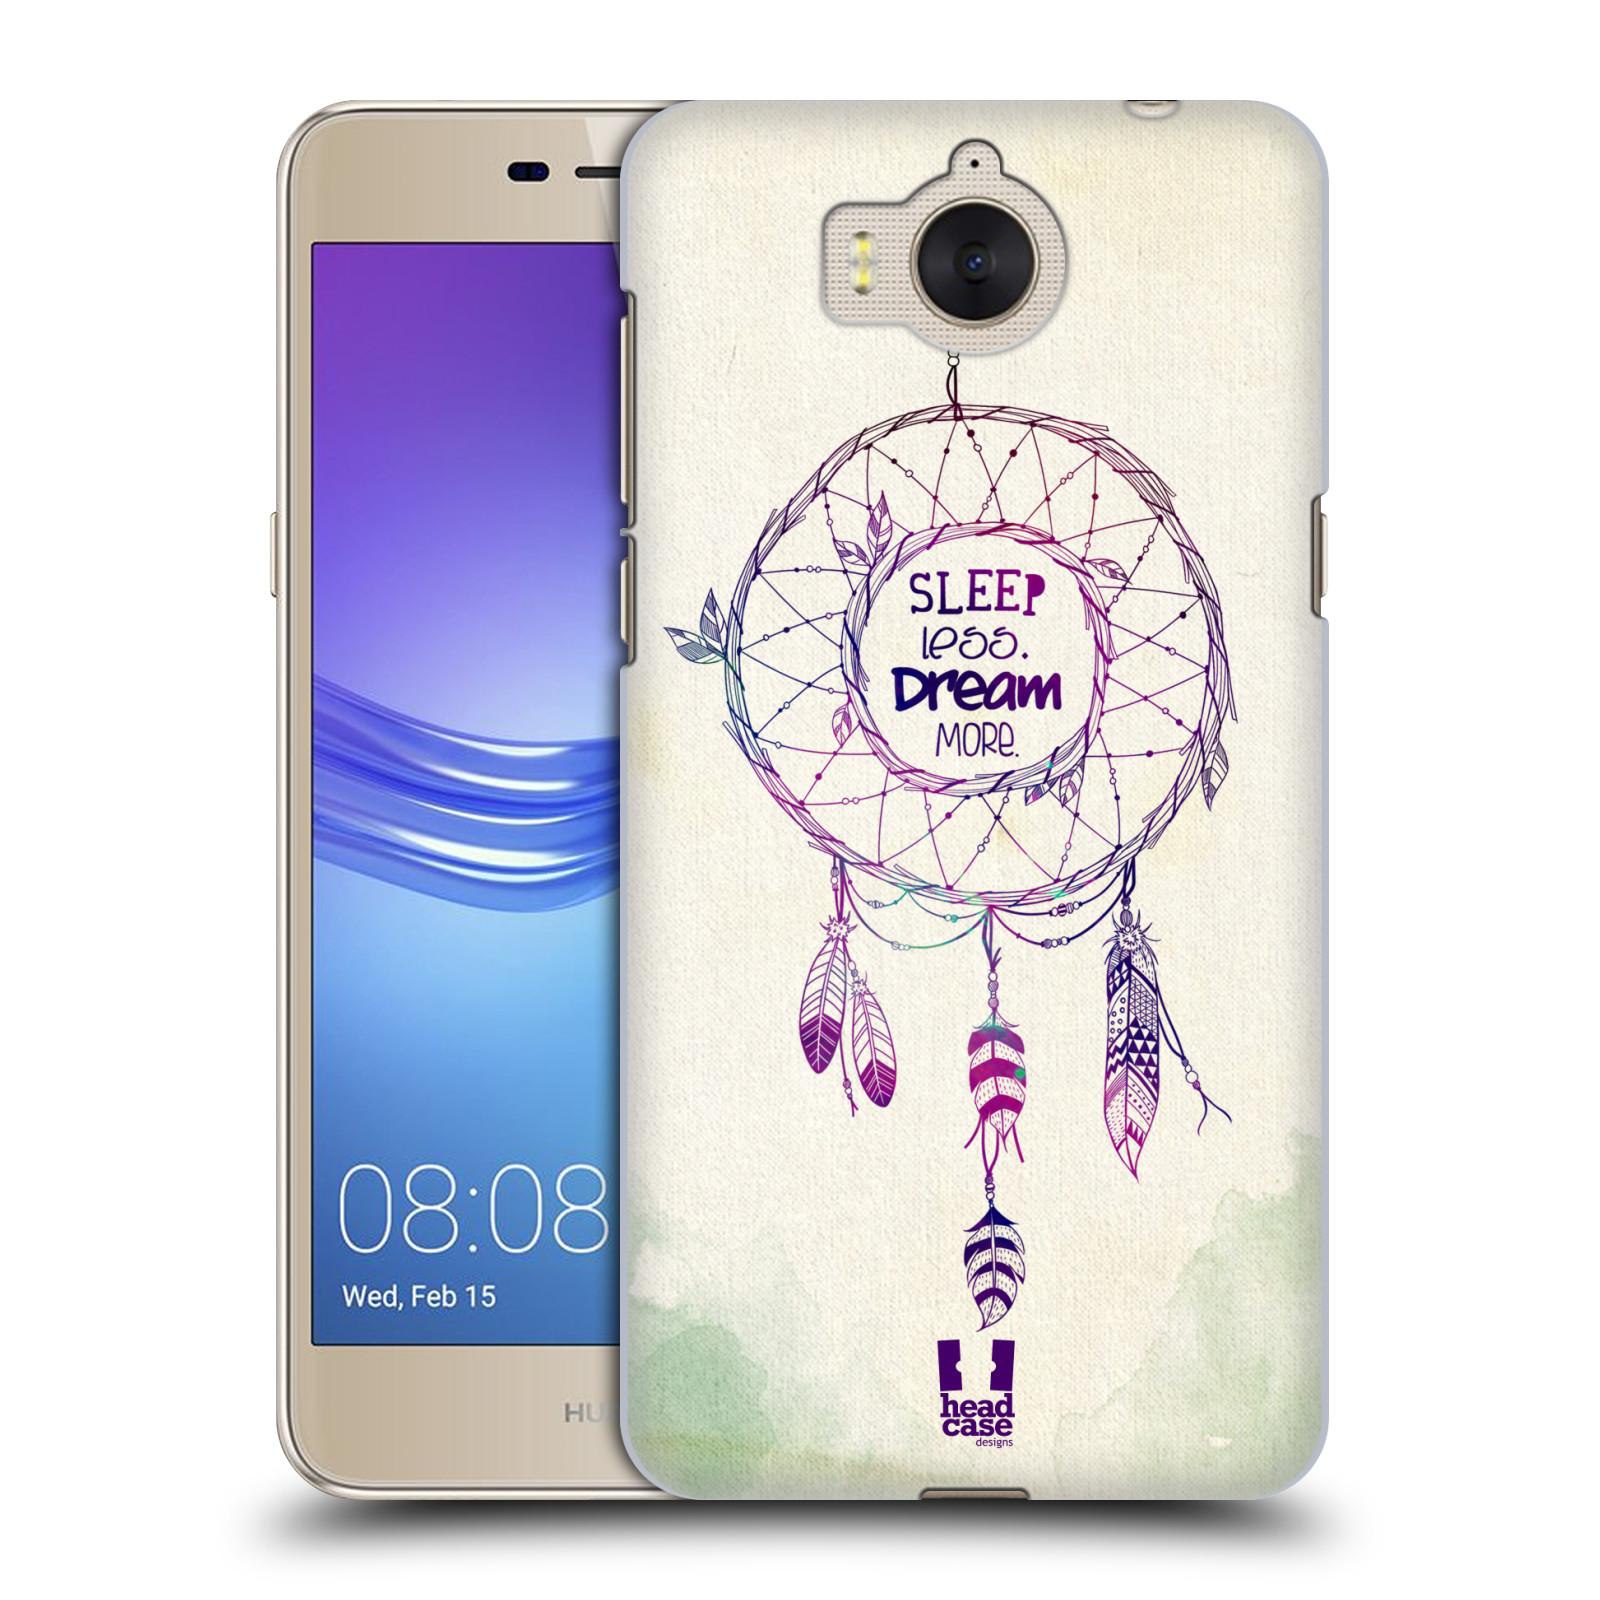 Plastové pouzdro na mobil Huawei Y6 2017 - Head Case - LAPAČ MORE